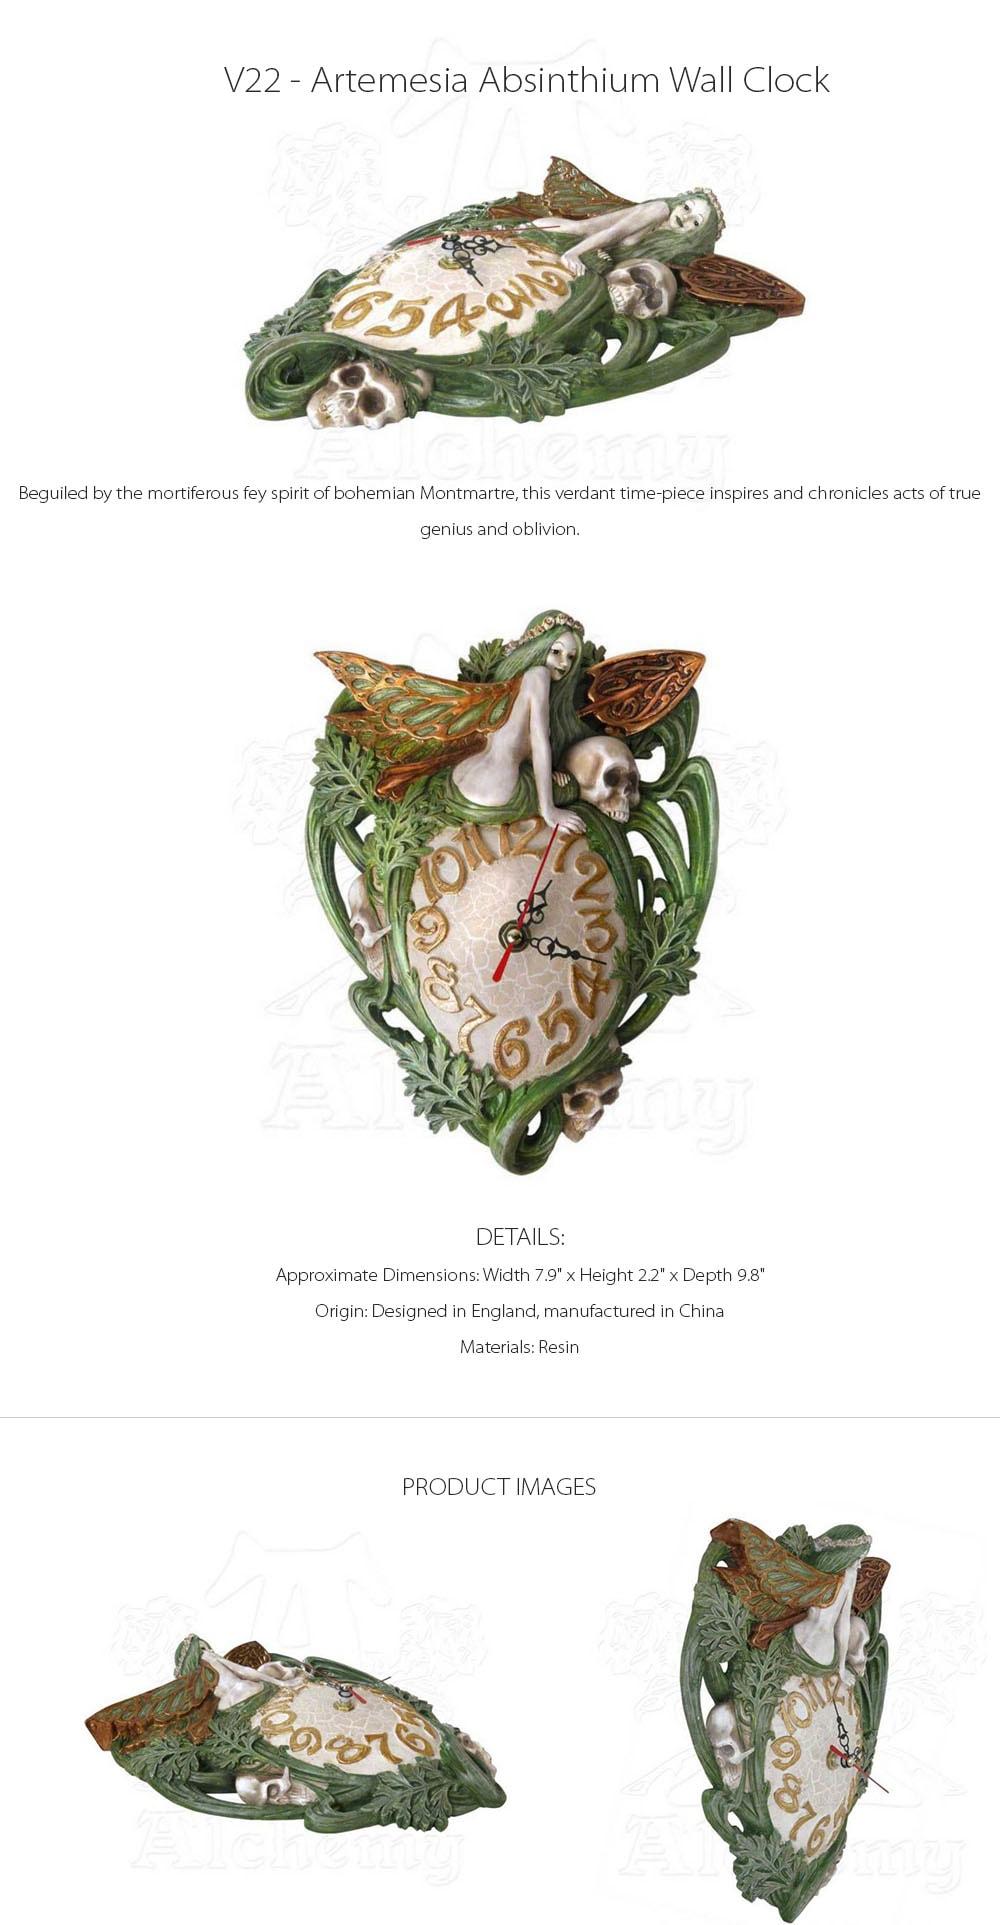 Artemesia Absinthium Wall Clock True Genius And Oblivion